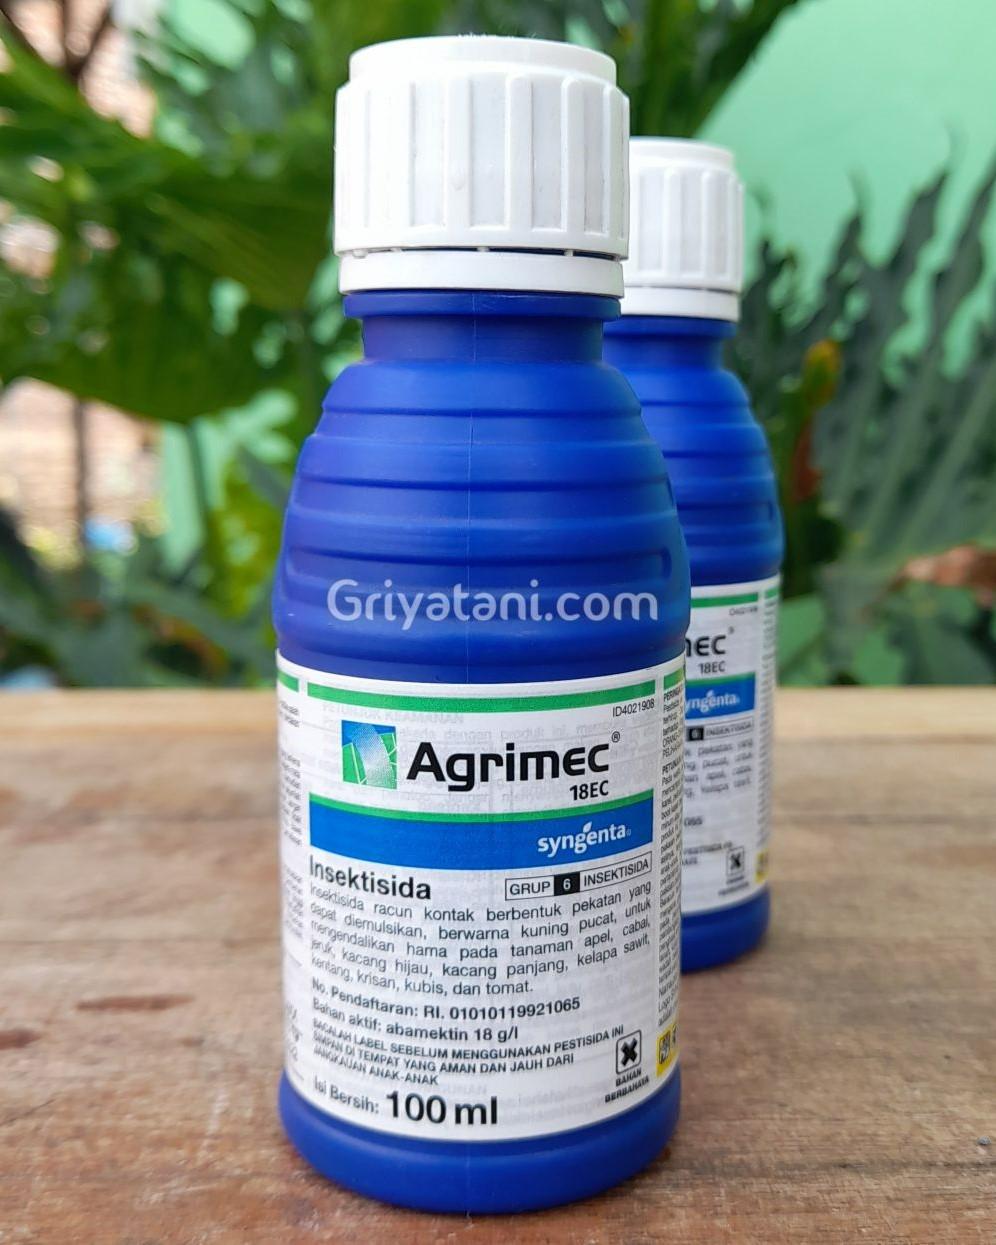 Agrimec 18 EC